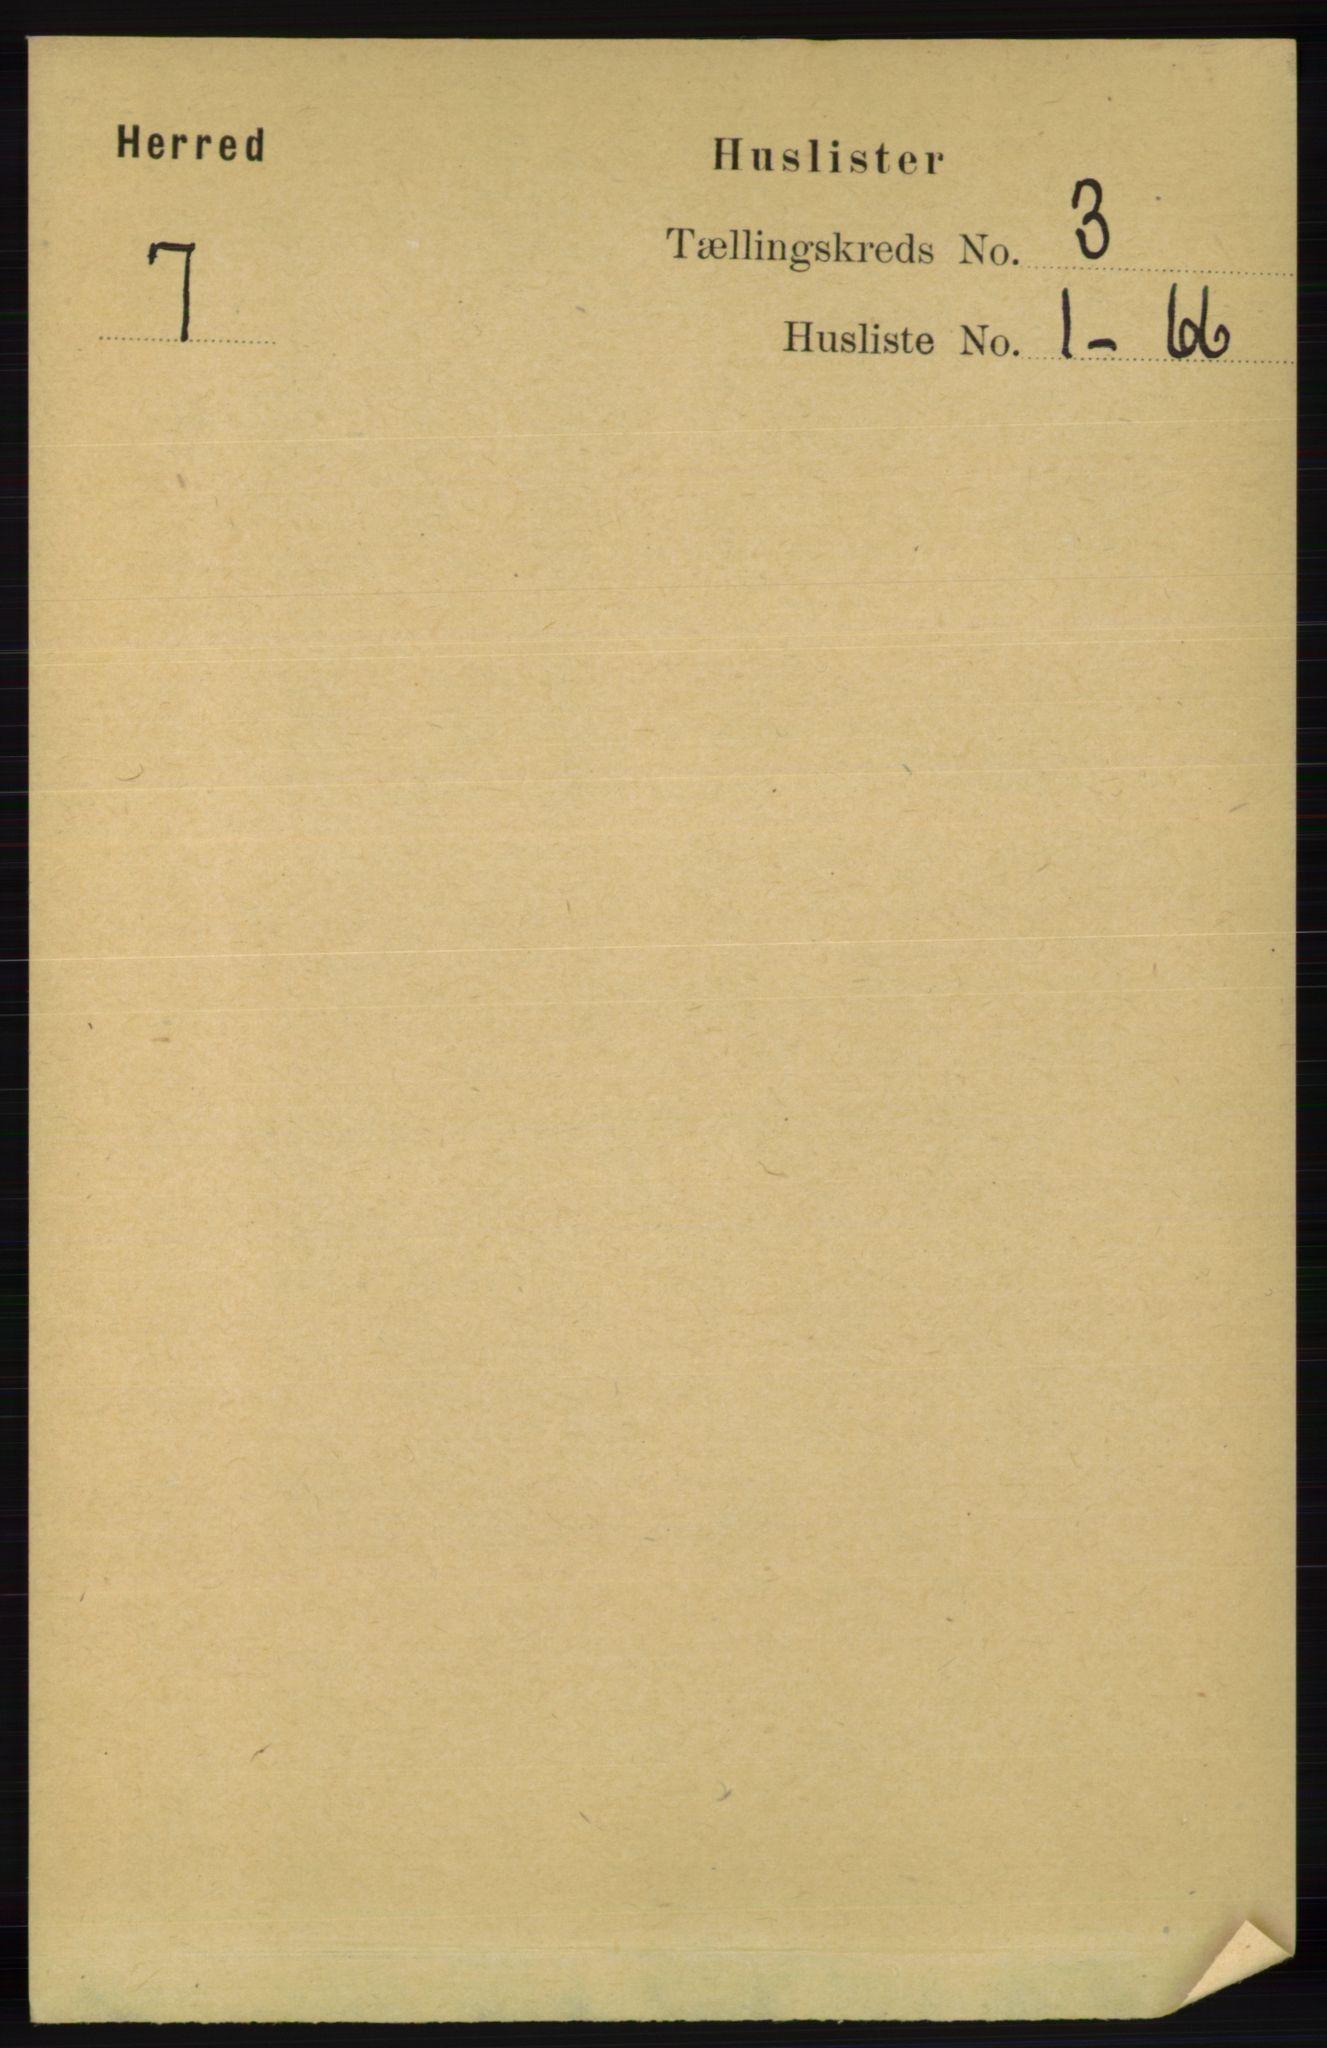 RA, Folketelling 1891 for 1039 Herad herred, 1891, s. 909